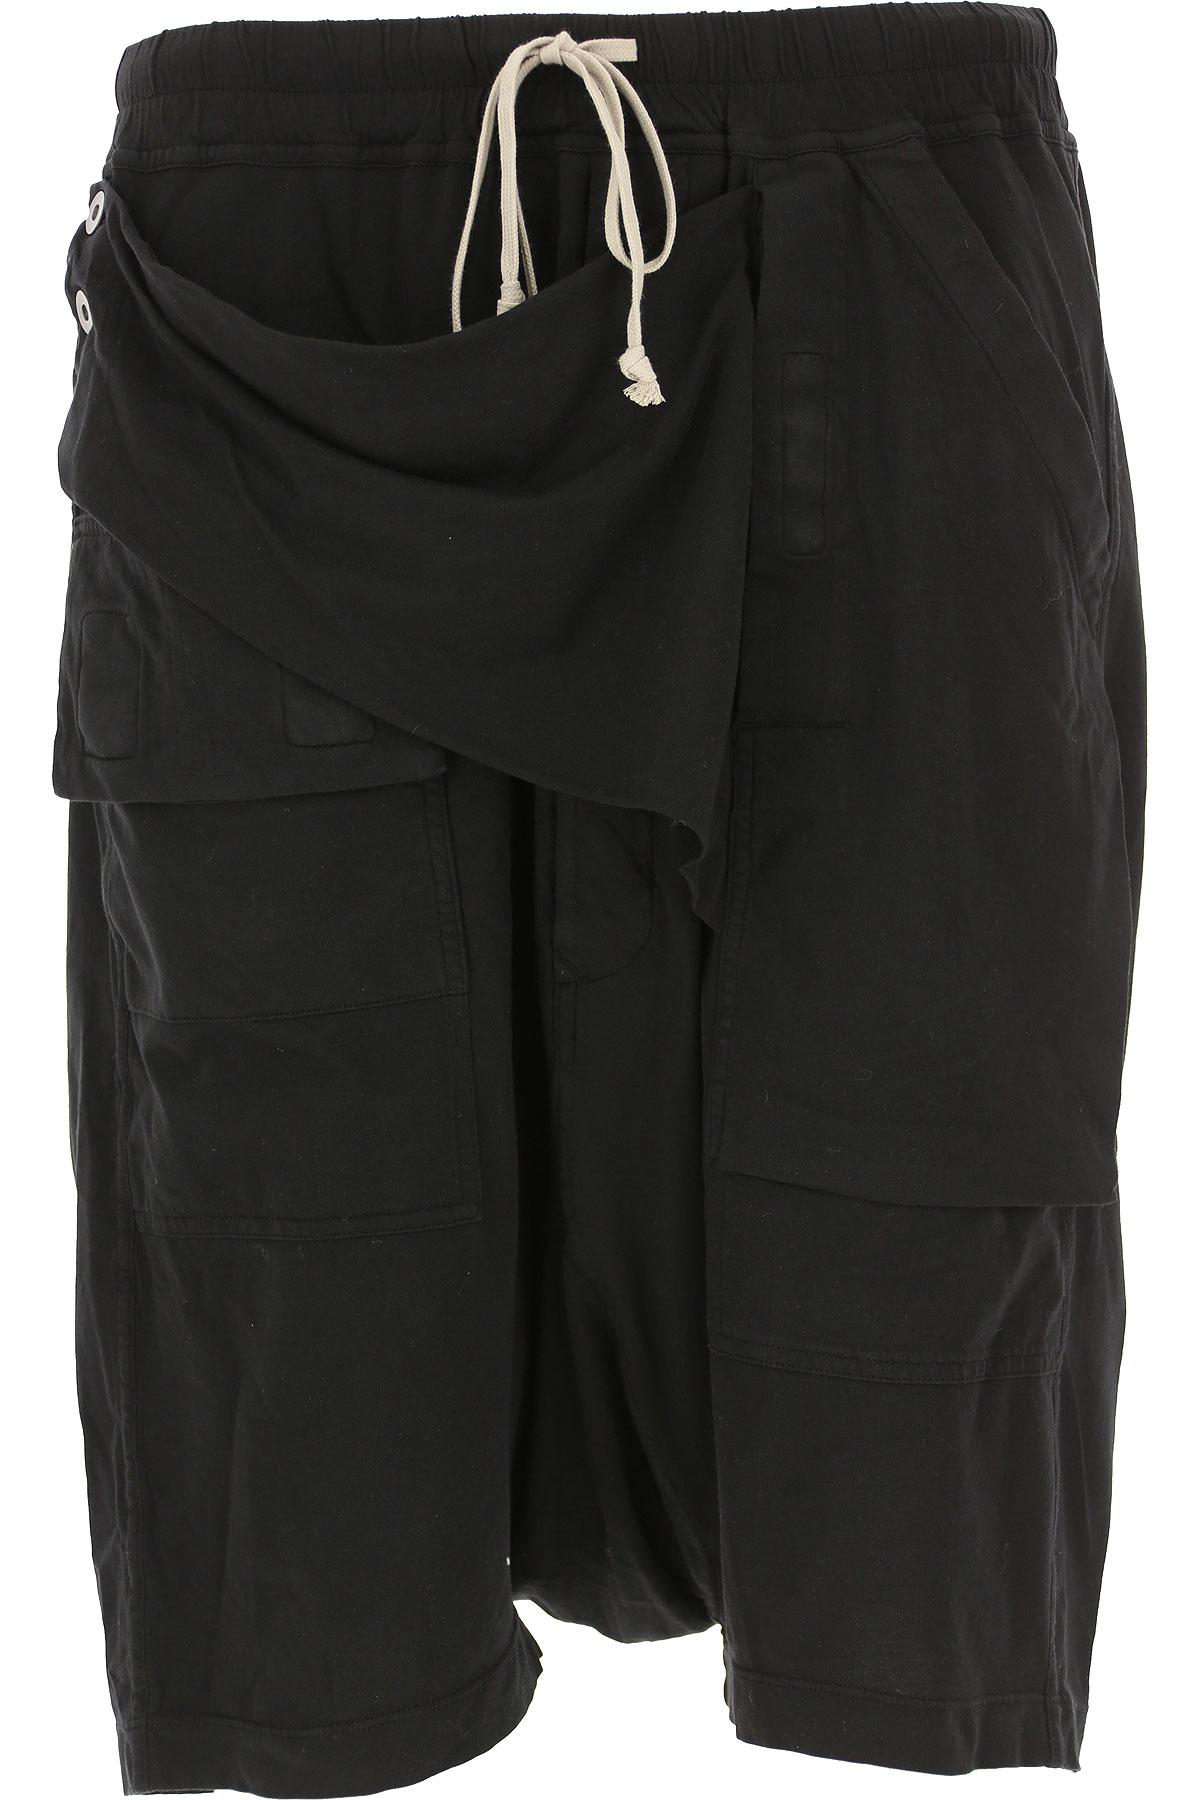 Rick Owens DRKSHDW Shorts for Men On Sale in Outlet, Black, Cotton, 2019, S (EU 46) M (EU 48) L (EU 50)